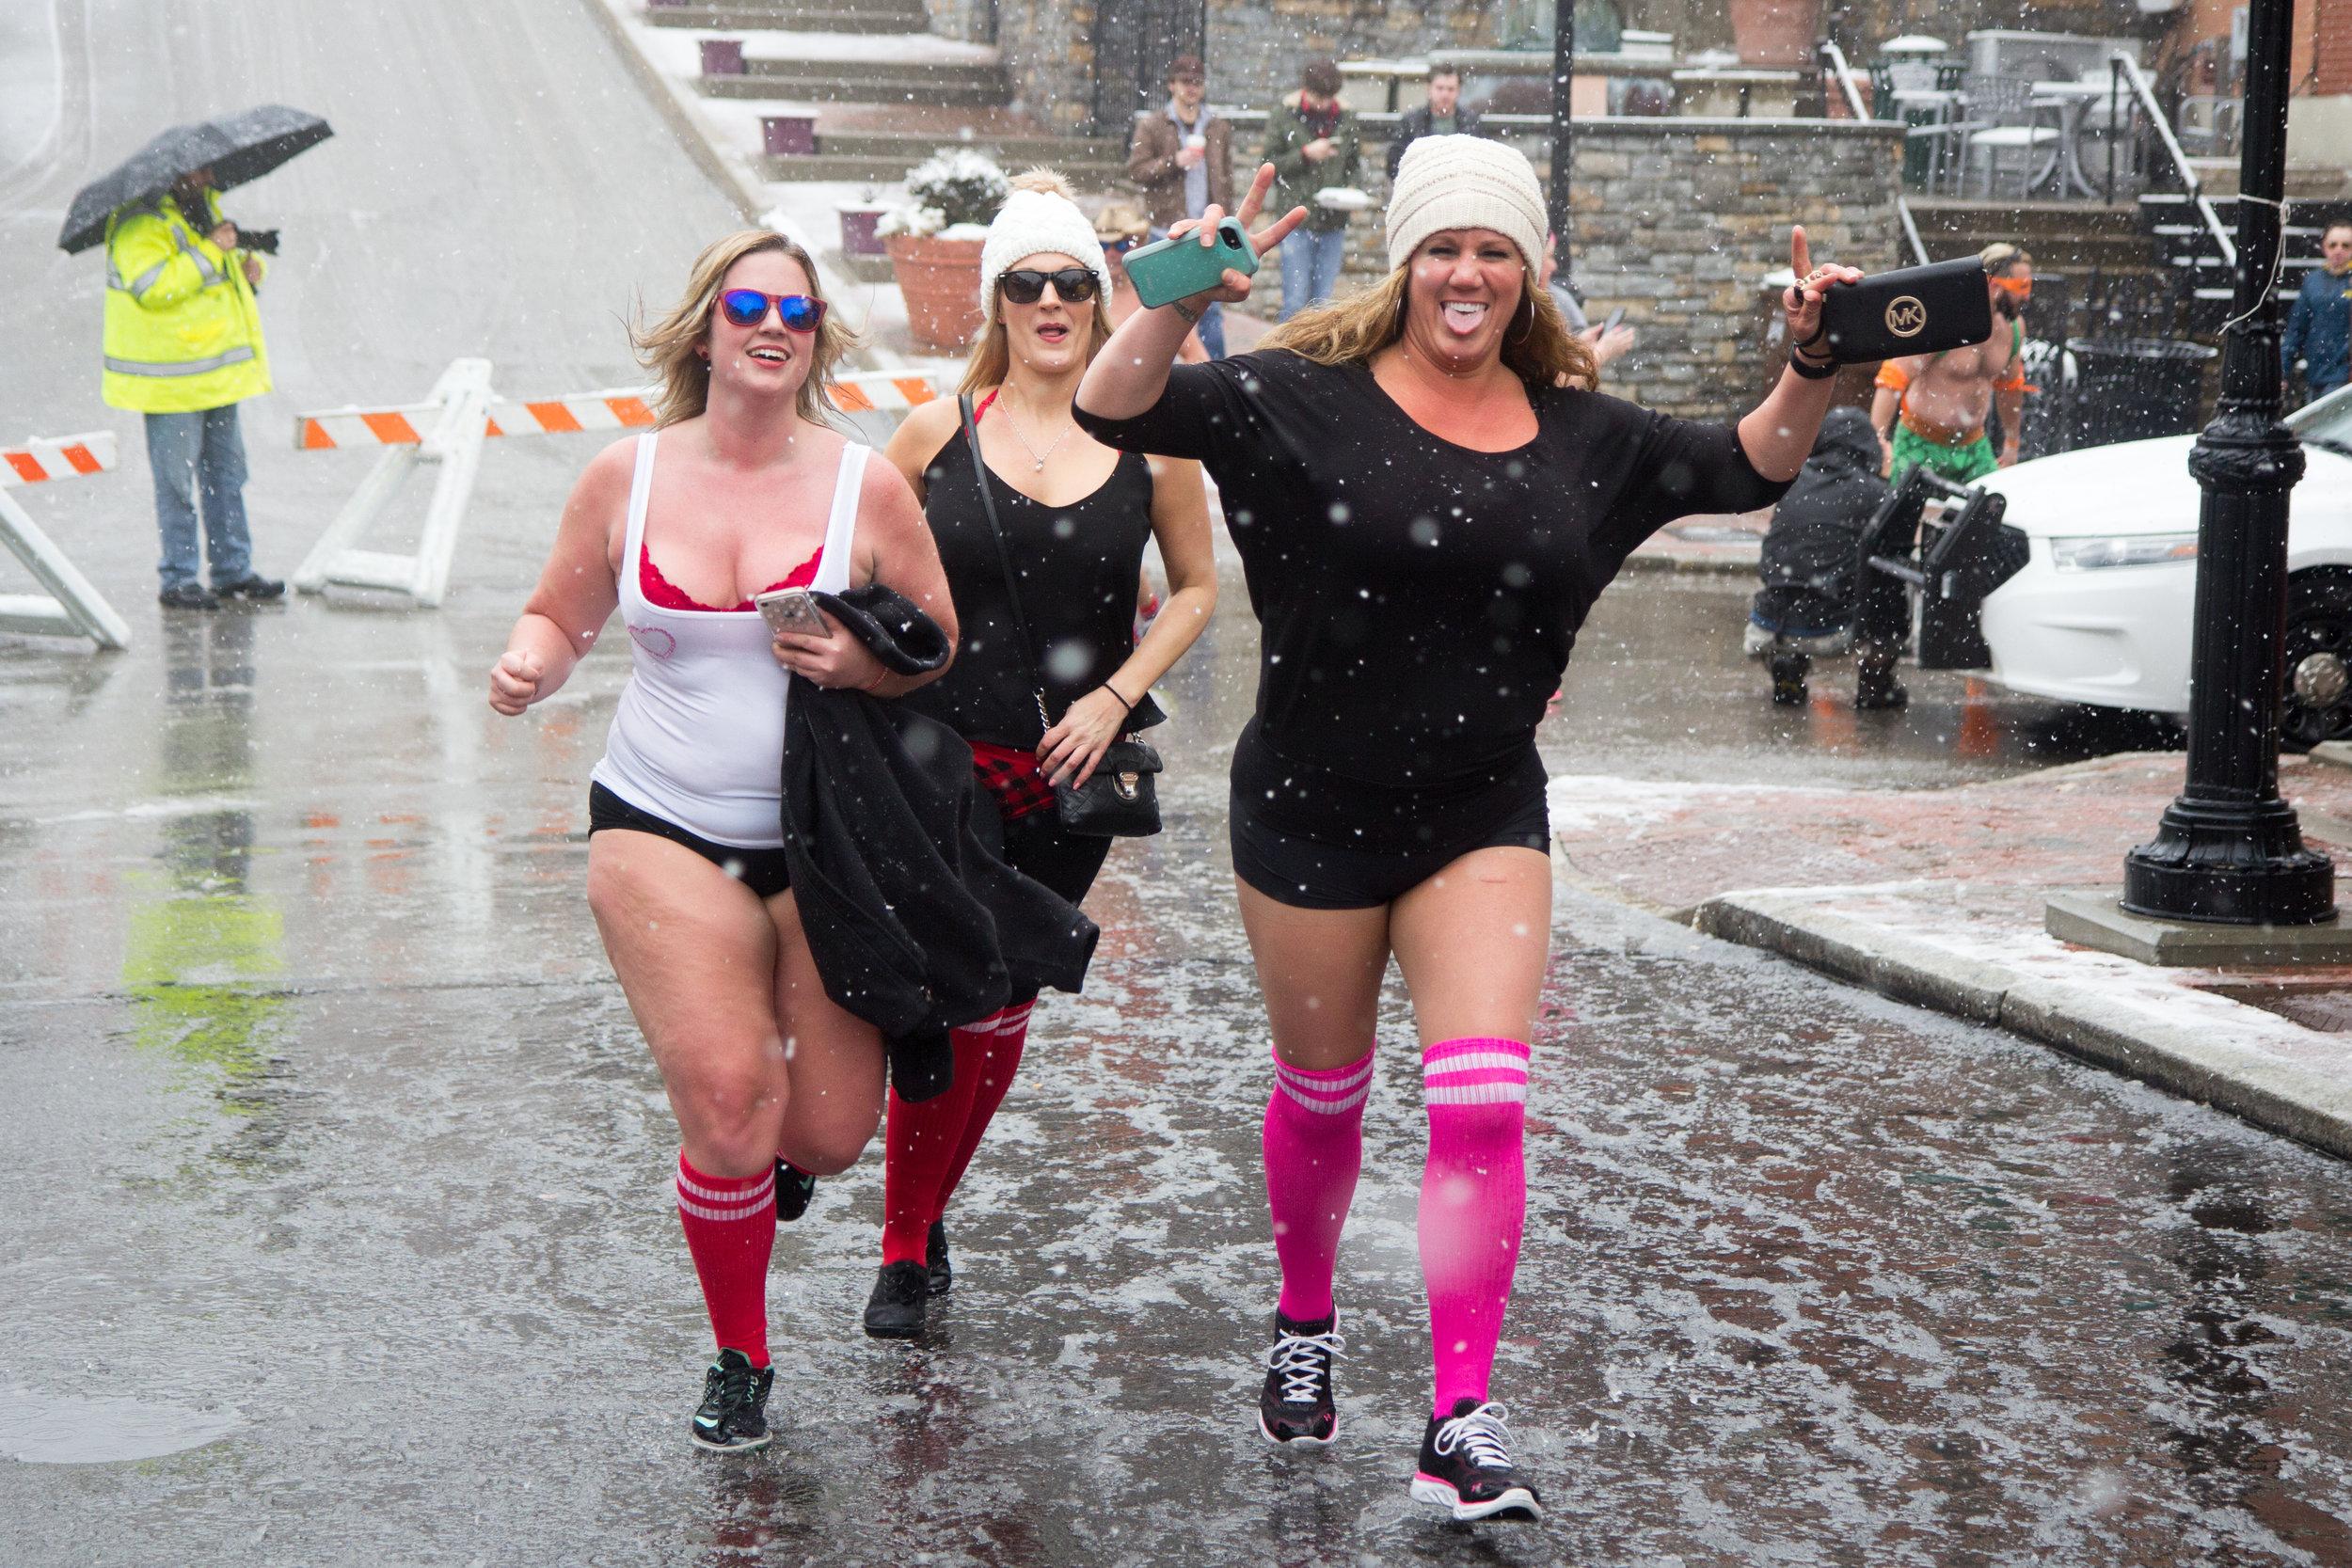 CaseyMillerPhoto - Cupid Undie Run 2018  (215 of 252).jpg